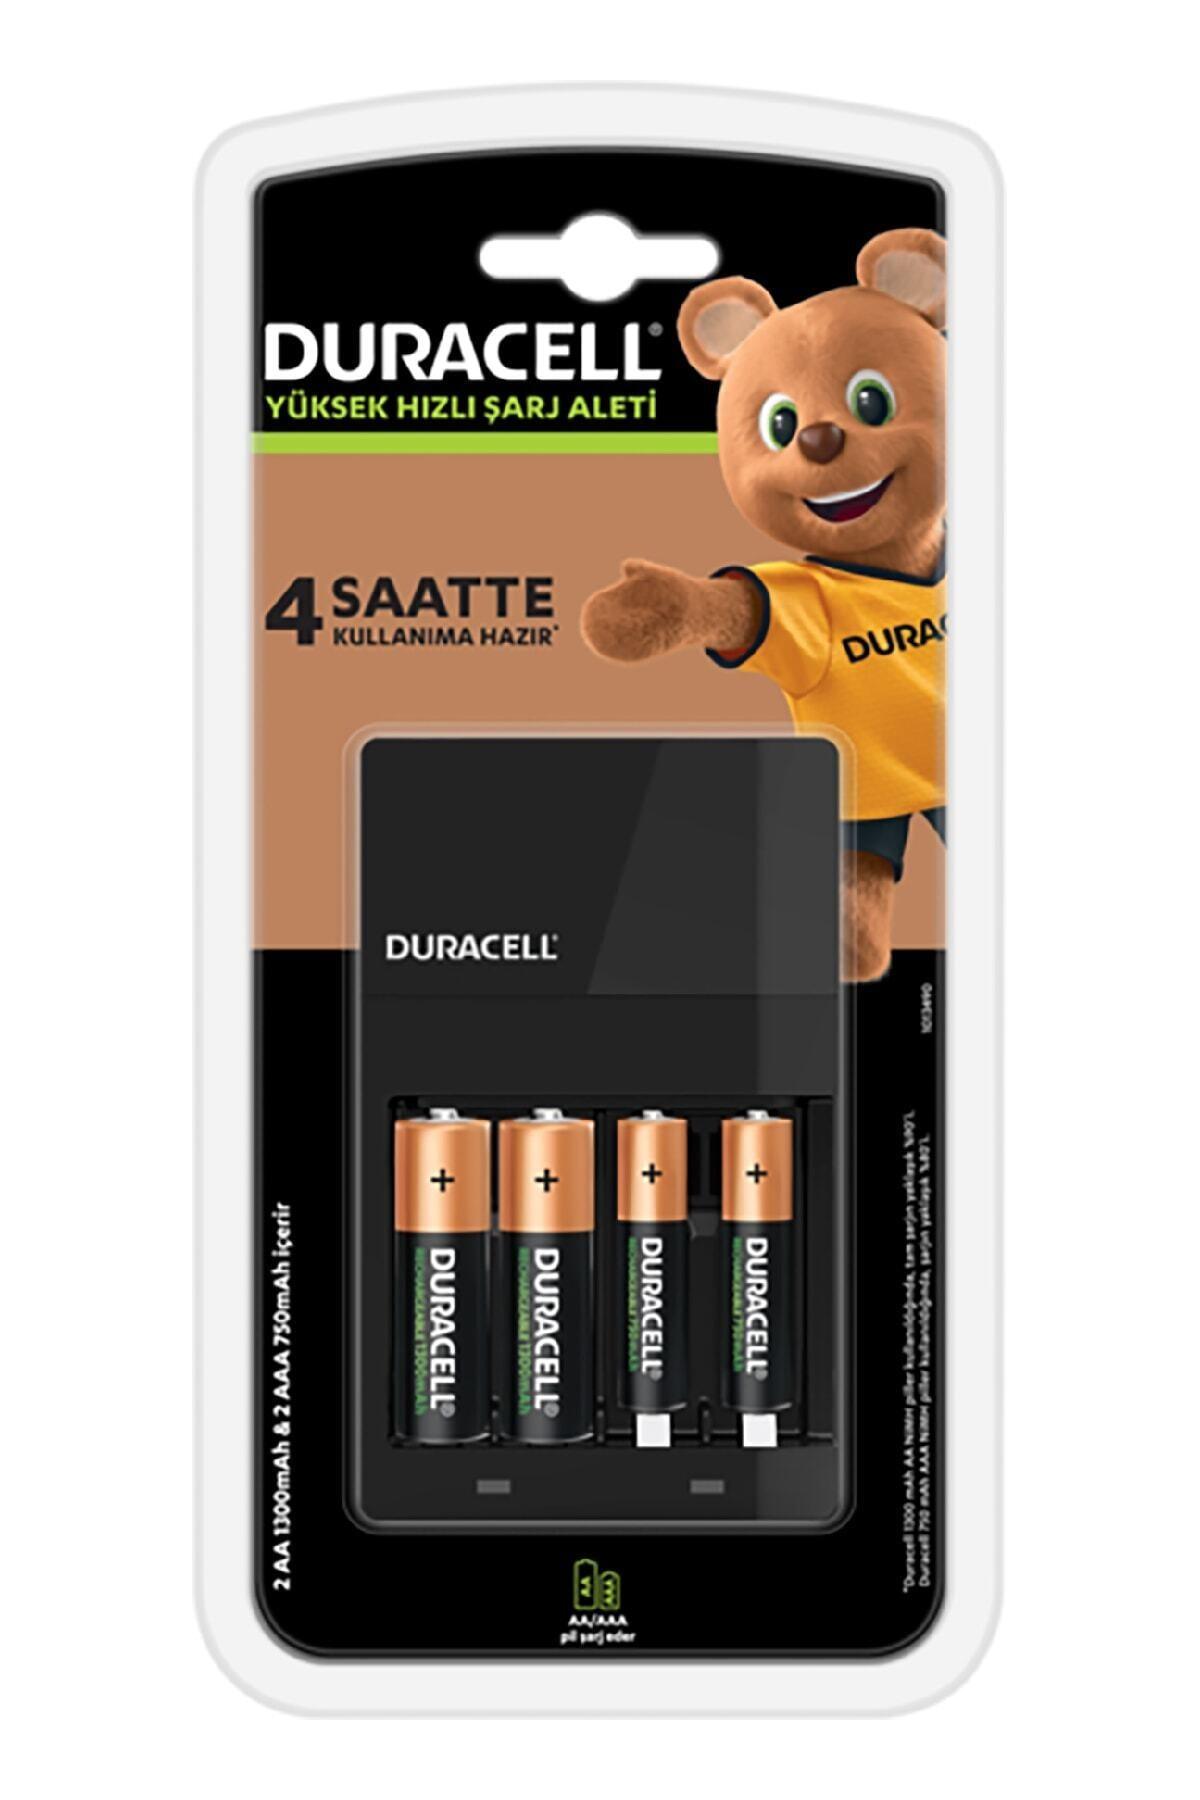 Duracell Cef 14 Pilli Şarj Cihazı 1